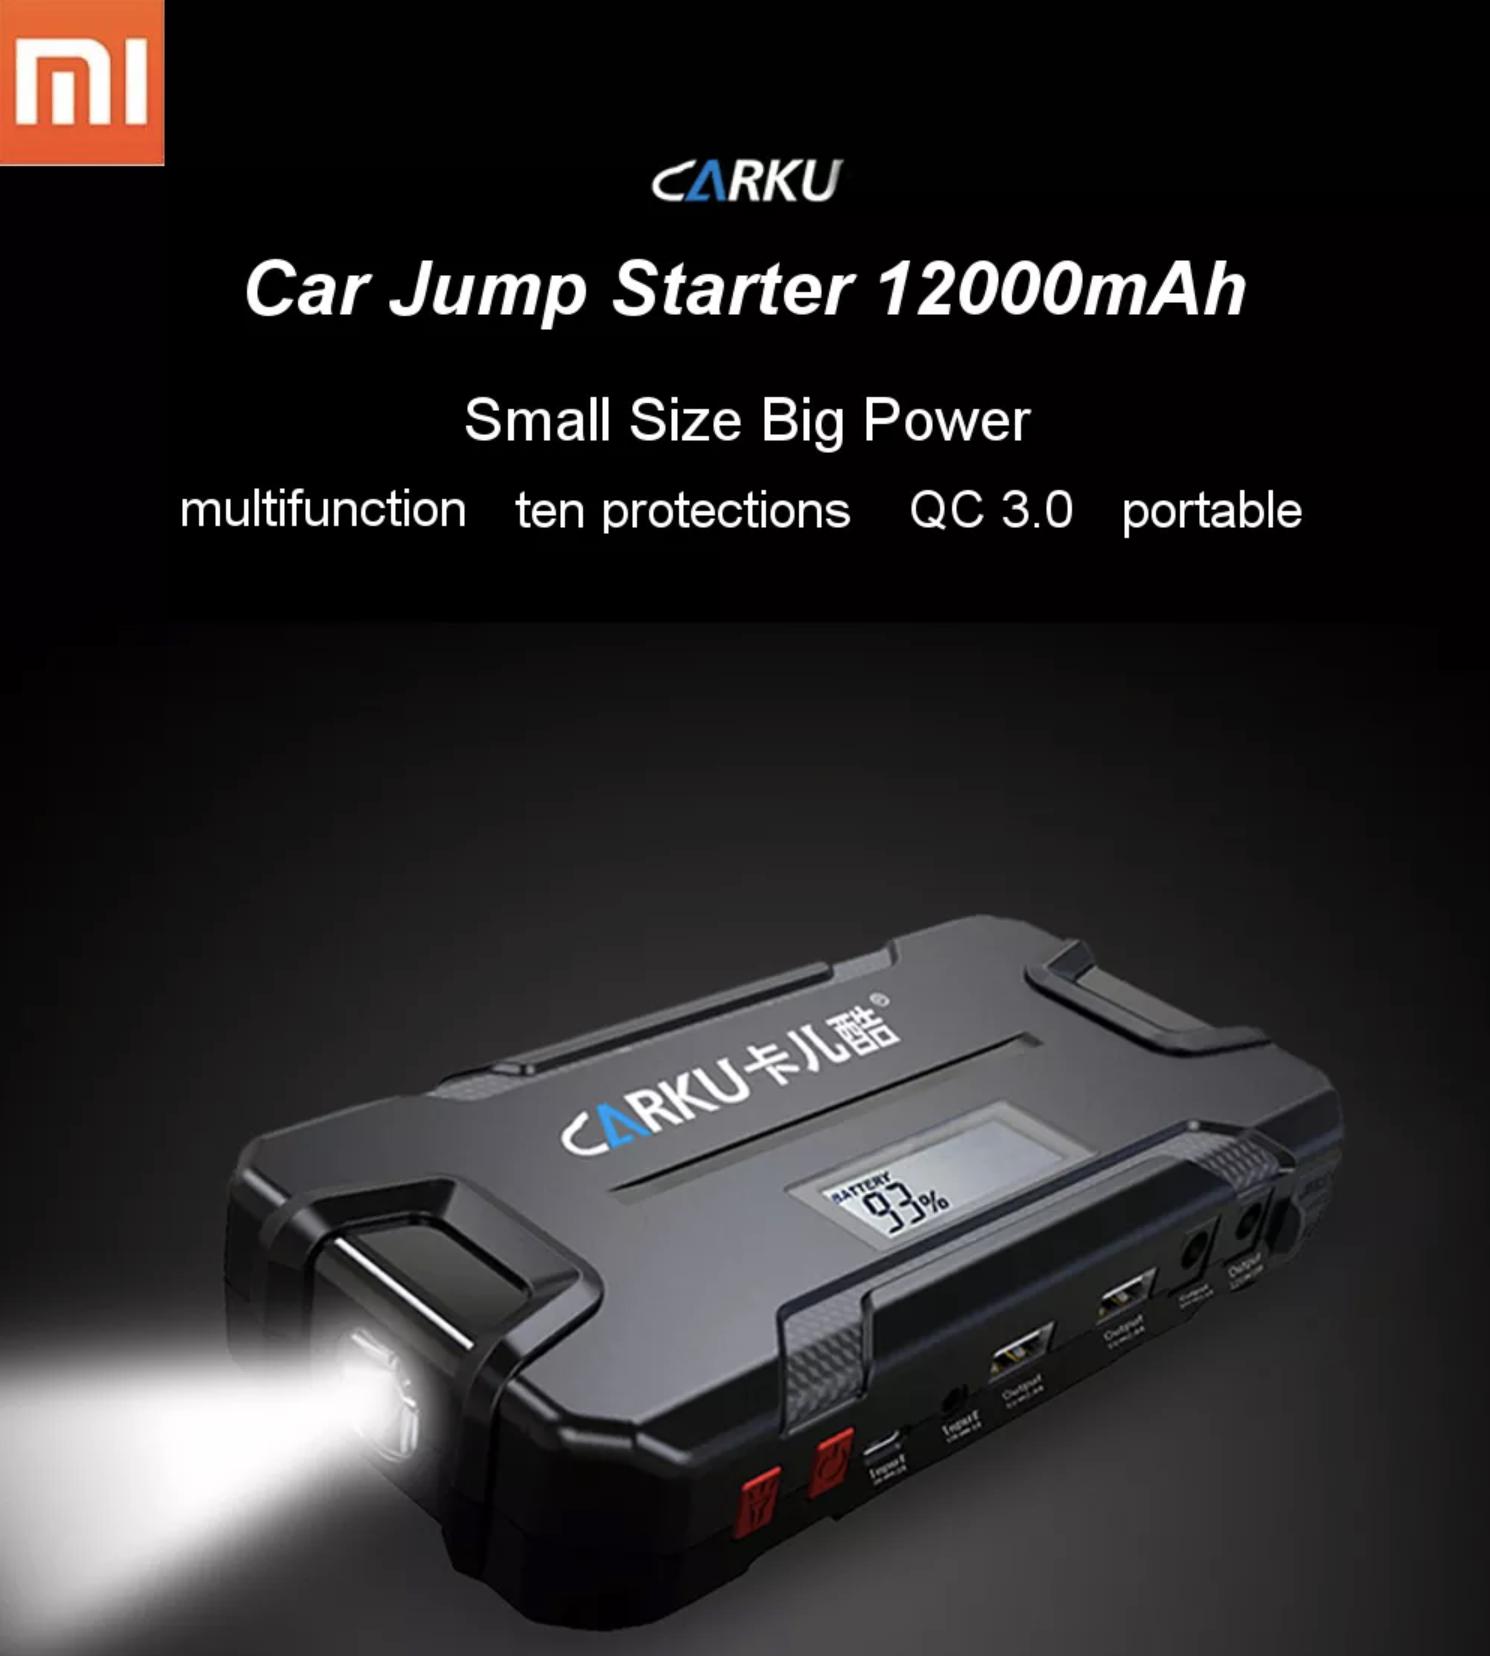 הבוסטר סוללה להנעת הרכב החדש XIAOMI CARKU 64B